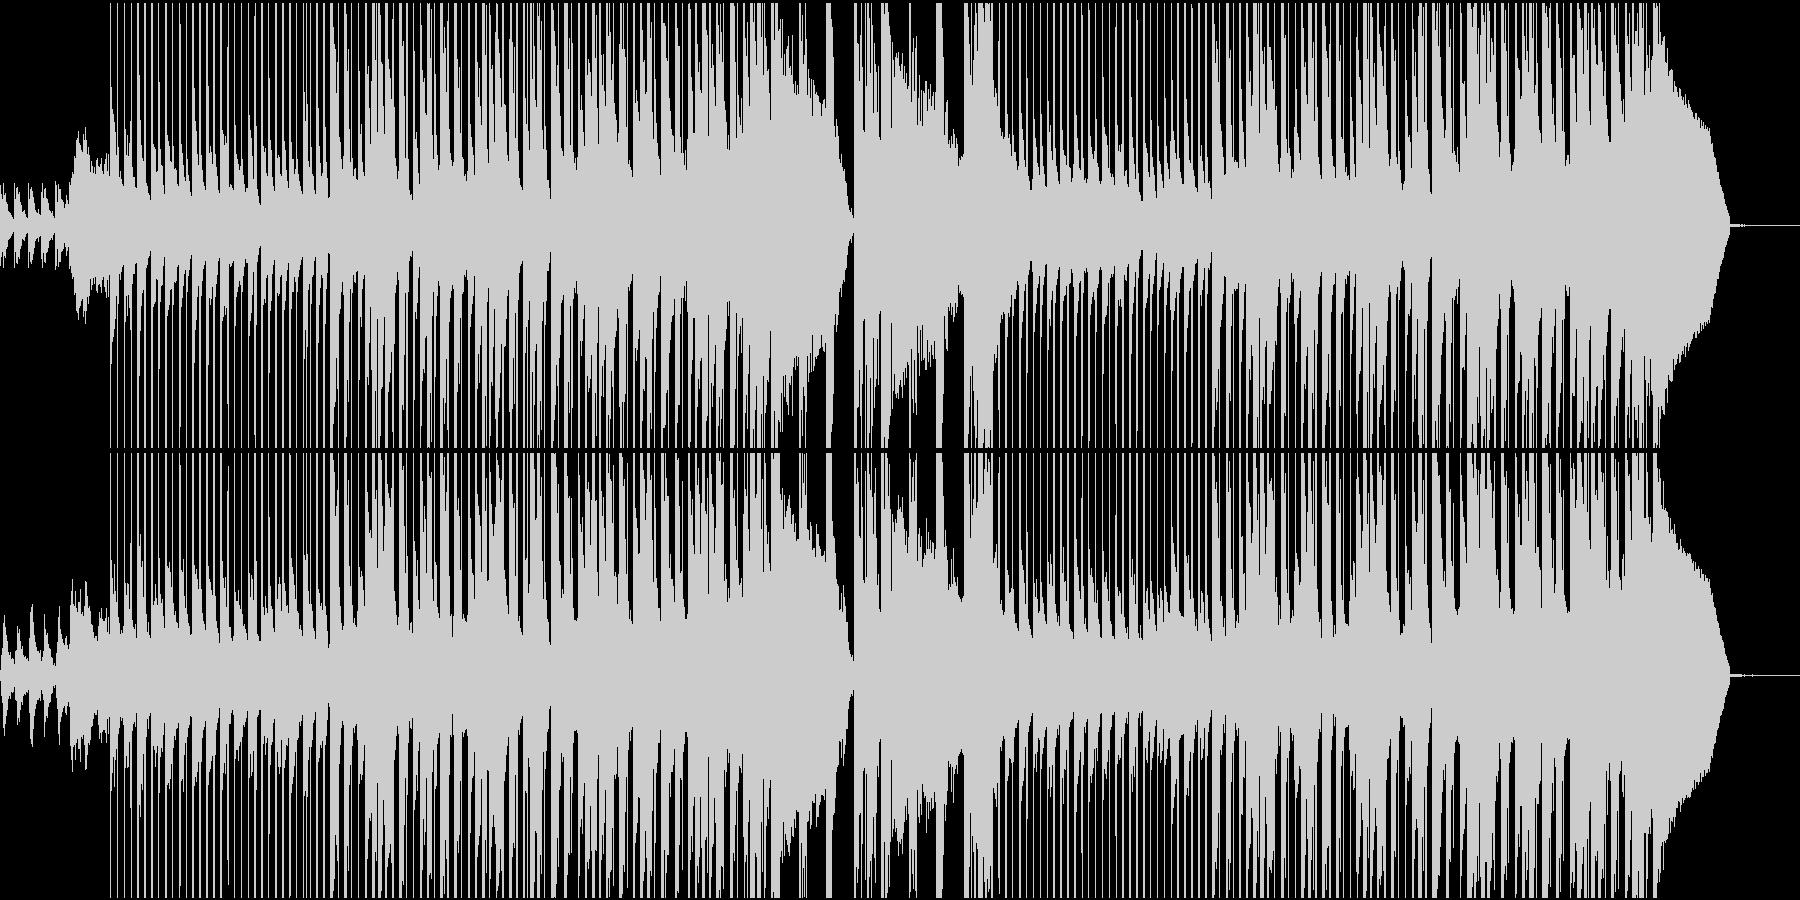 ポップ テクノ ワールド 民族 ア...の未再生の波形